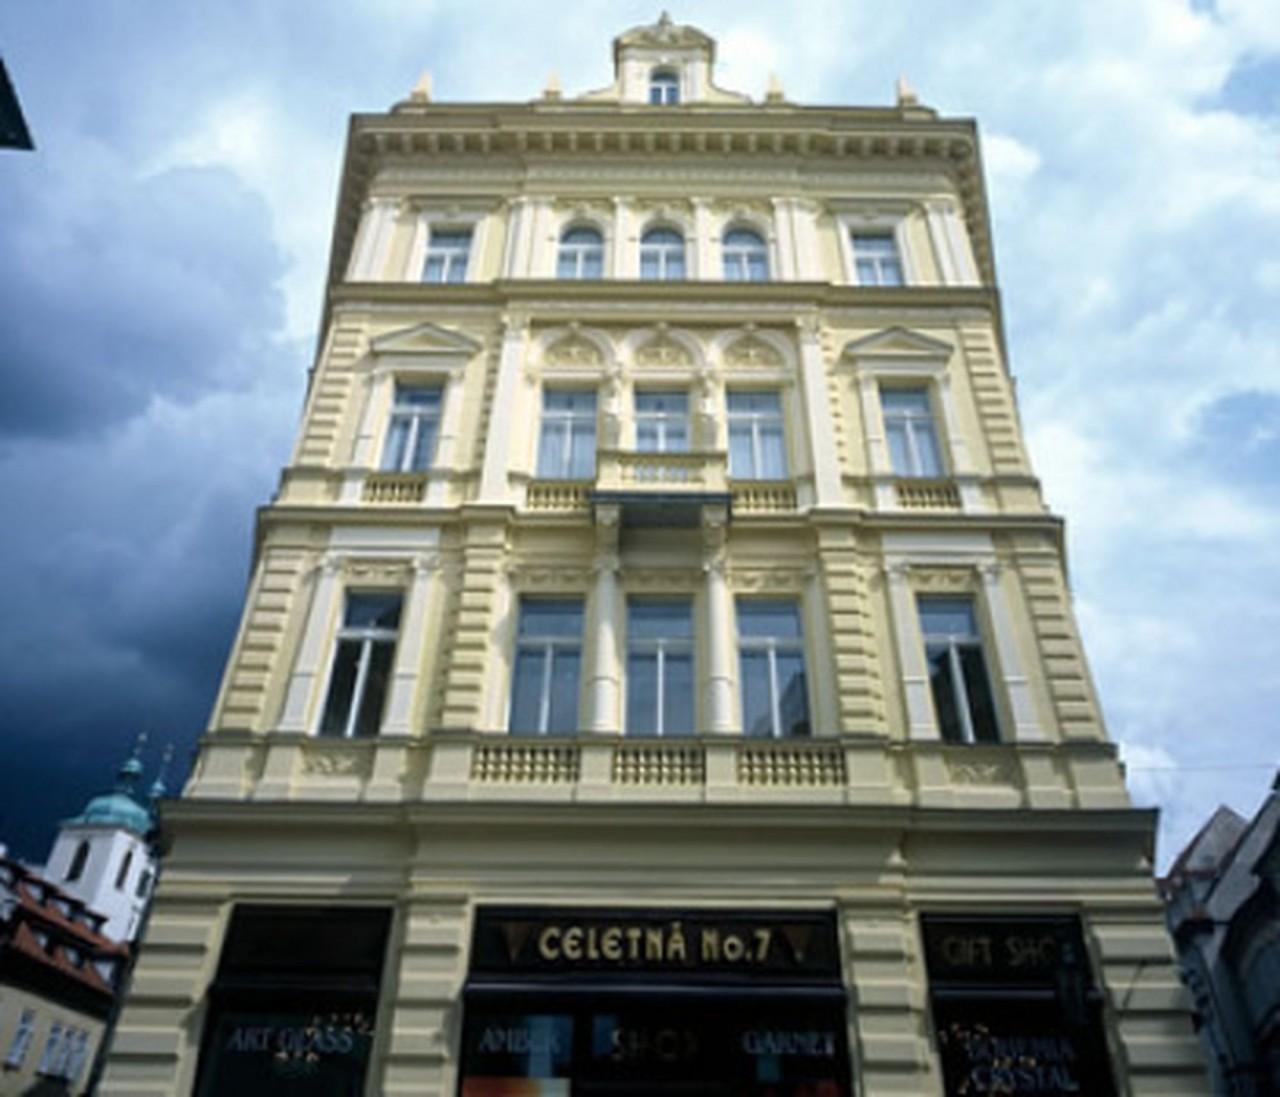 Grido architektura design for Ventana hotel prague